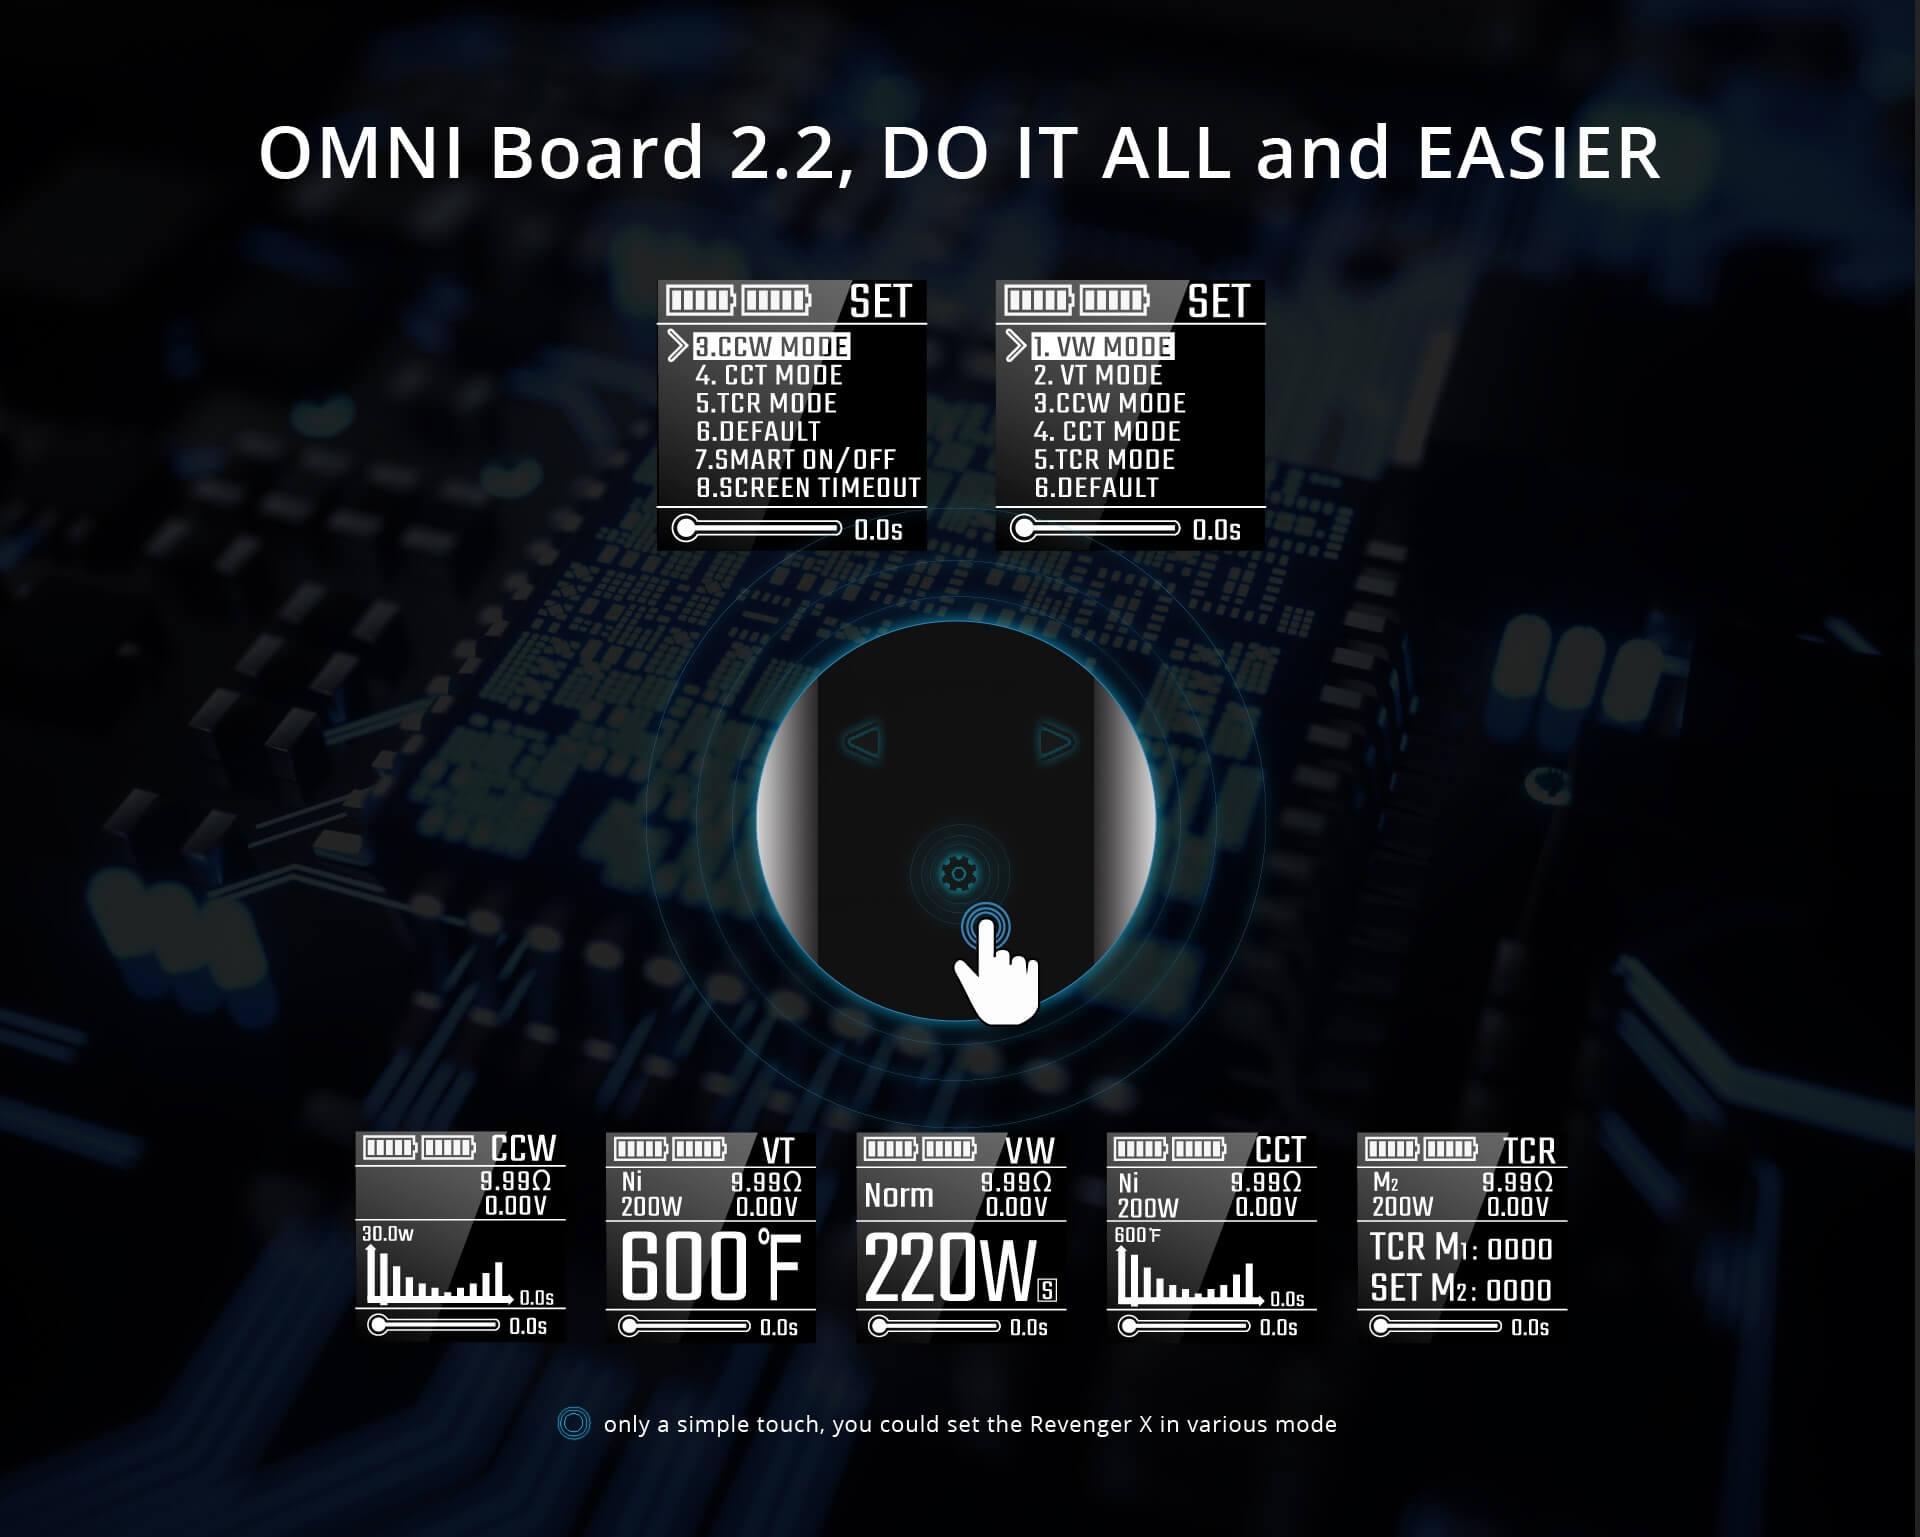 https://www.vaporesso.com/hs-fs/hubfs/img/Site/Products/revenger_x/revenger_x_omni_board.jpg?t=1529376457021&width=1920&name=revenger_x_omni_board.jpg